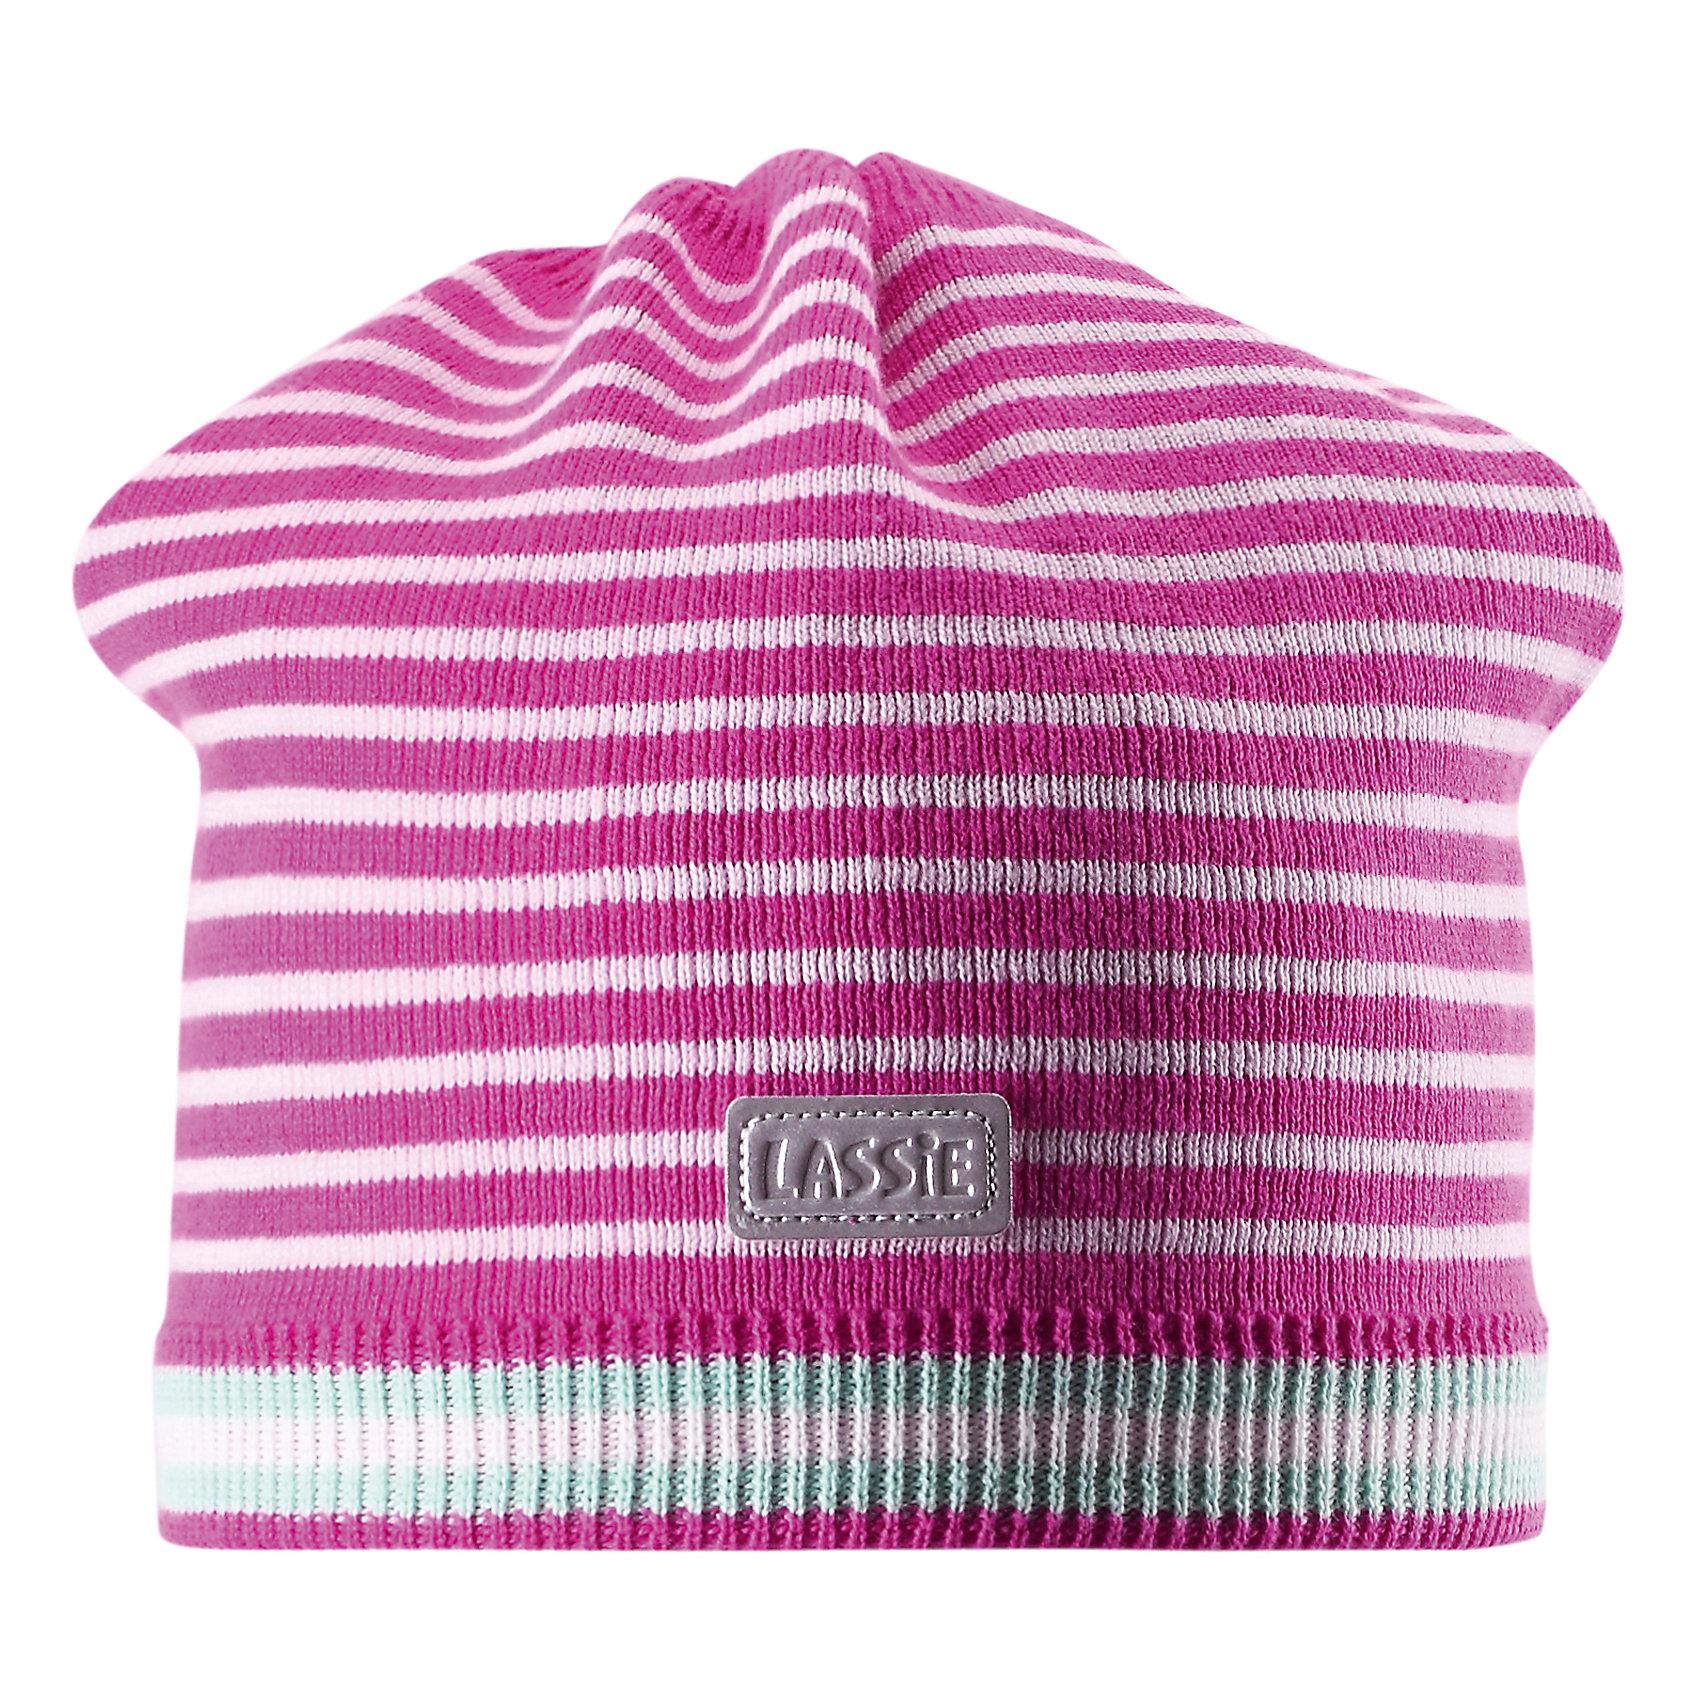 Шапка  LASSIE by ReimaШапка от известной компании LASSIE by Reima<br><br>Модная теплая шапка - отличная вещь для прогулок и активного отдыха. Она стильно смотрится и хорошо сидит.<br><br>Вязаный рисунок оживляет дизайн изделия - такую вещь дети будут носить с удовольствием!<br><br>Особенности модели:<br><br>- цвет: розовый;<br>- светоотражающая нашивка;<br>- эластичный материал;<br>- натуральный хлопок;<br>- стильный дизайн;<br>- глубокая посадка.<br><br>Дополнительная информация:<br><br>Температурный режим: от -15° до +10° С<br><br>Состав: 100% хлопок<br><br>Шапку от известной компании LASSIE by Reima (Лэсси Рейма) можно купить в нашем магазине.<br><br>Ширина мм: 89<br>Глубина мм: 117<br>Высота мм: 44<br>Вес г: 155<br>Цвет: розовый<br>Возраст от месяцев: 36<br>Возраст до месяцев: 60<br>Пол: Унисекс<br>Возраст: Детский<br>Размер: 50-52,54-56,46-48<br>SKU: 4555413